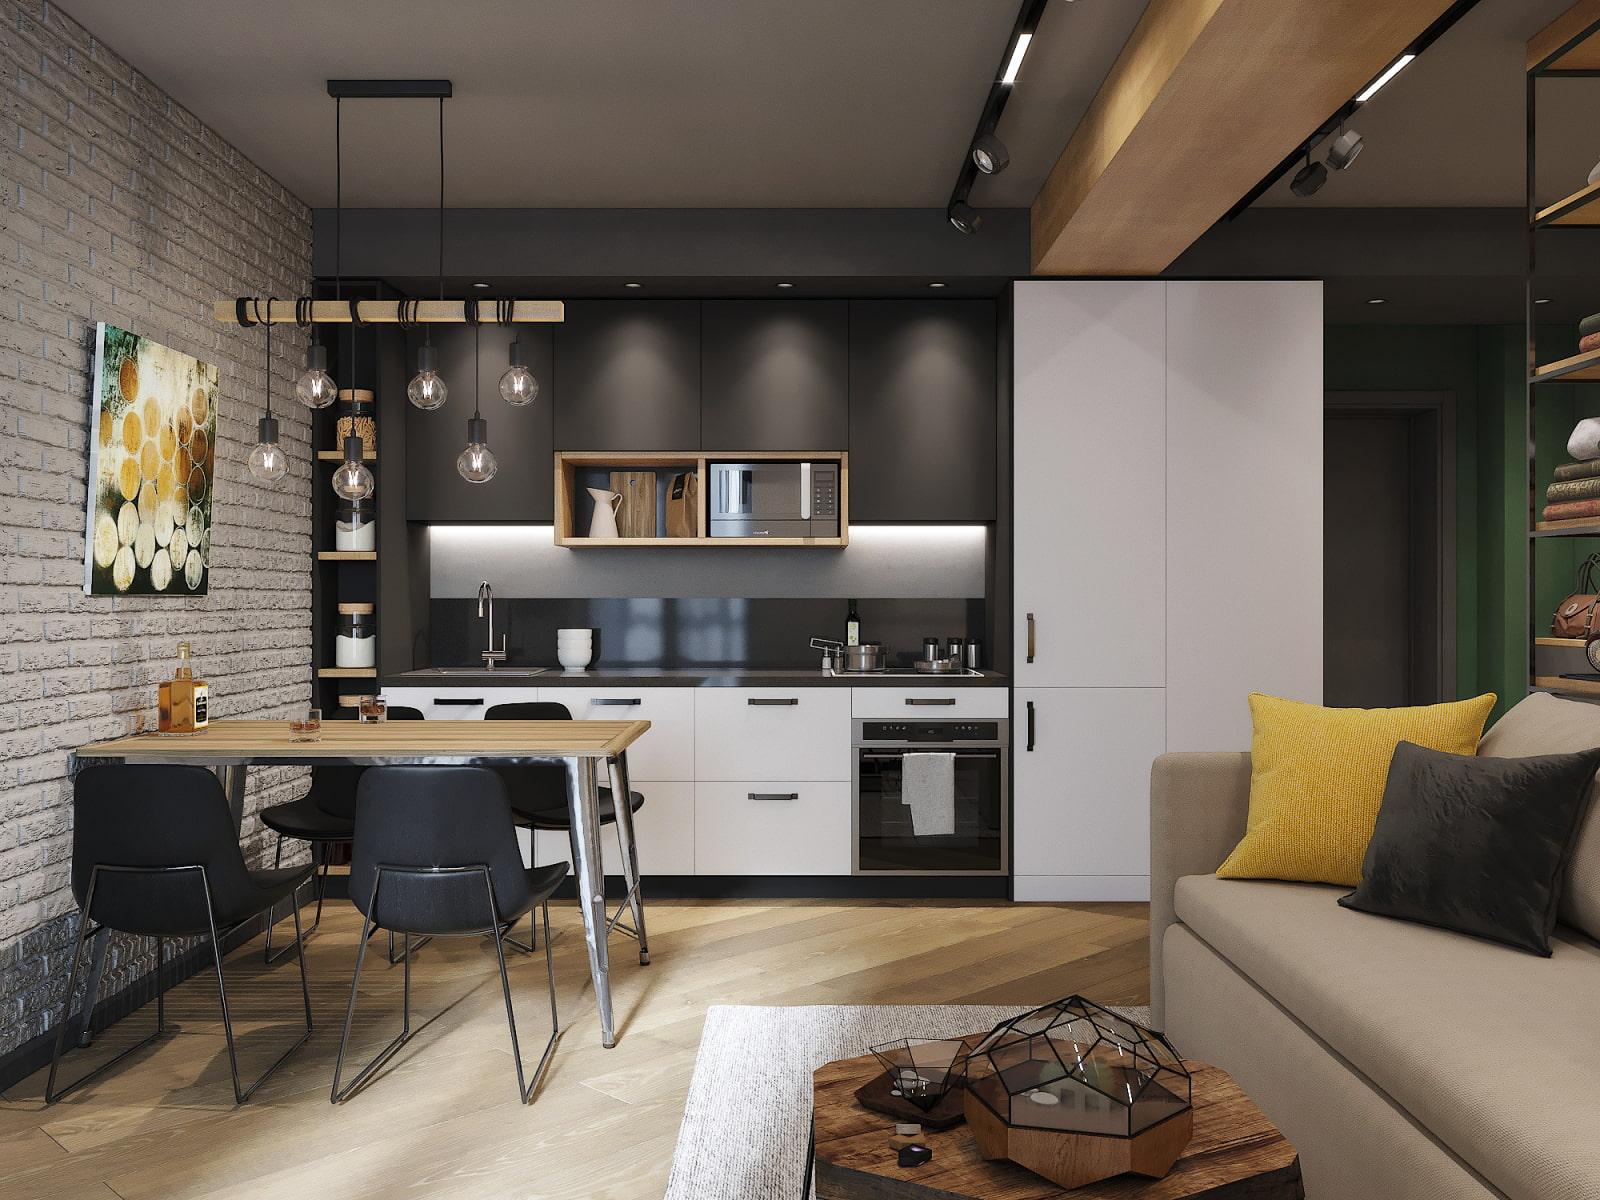 кухня 15 кв м с диваном идеи декор